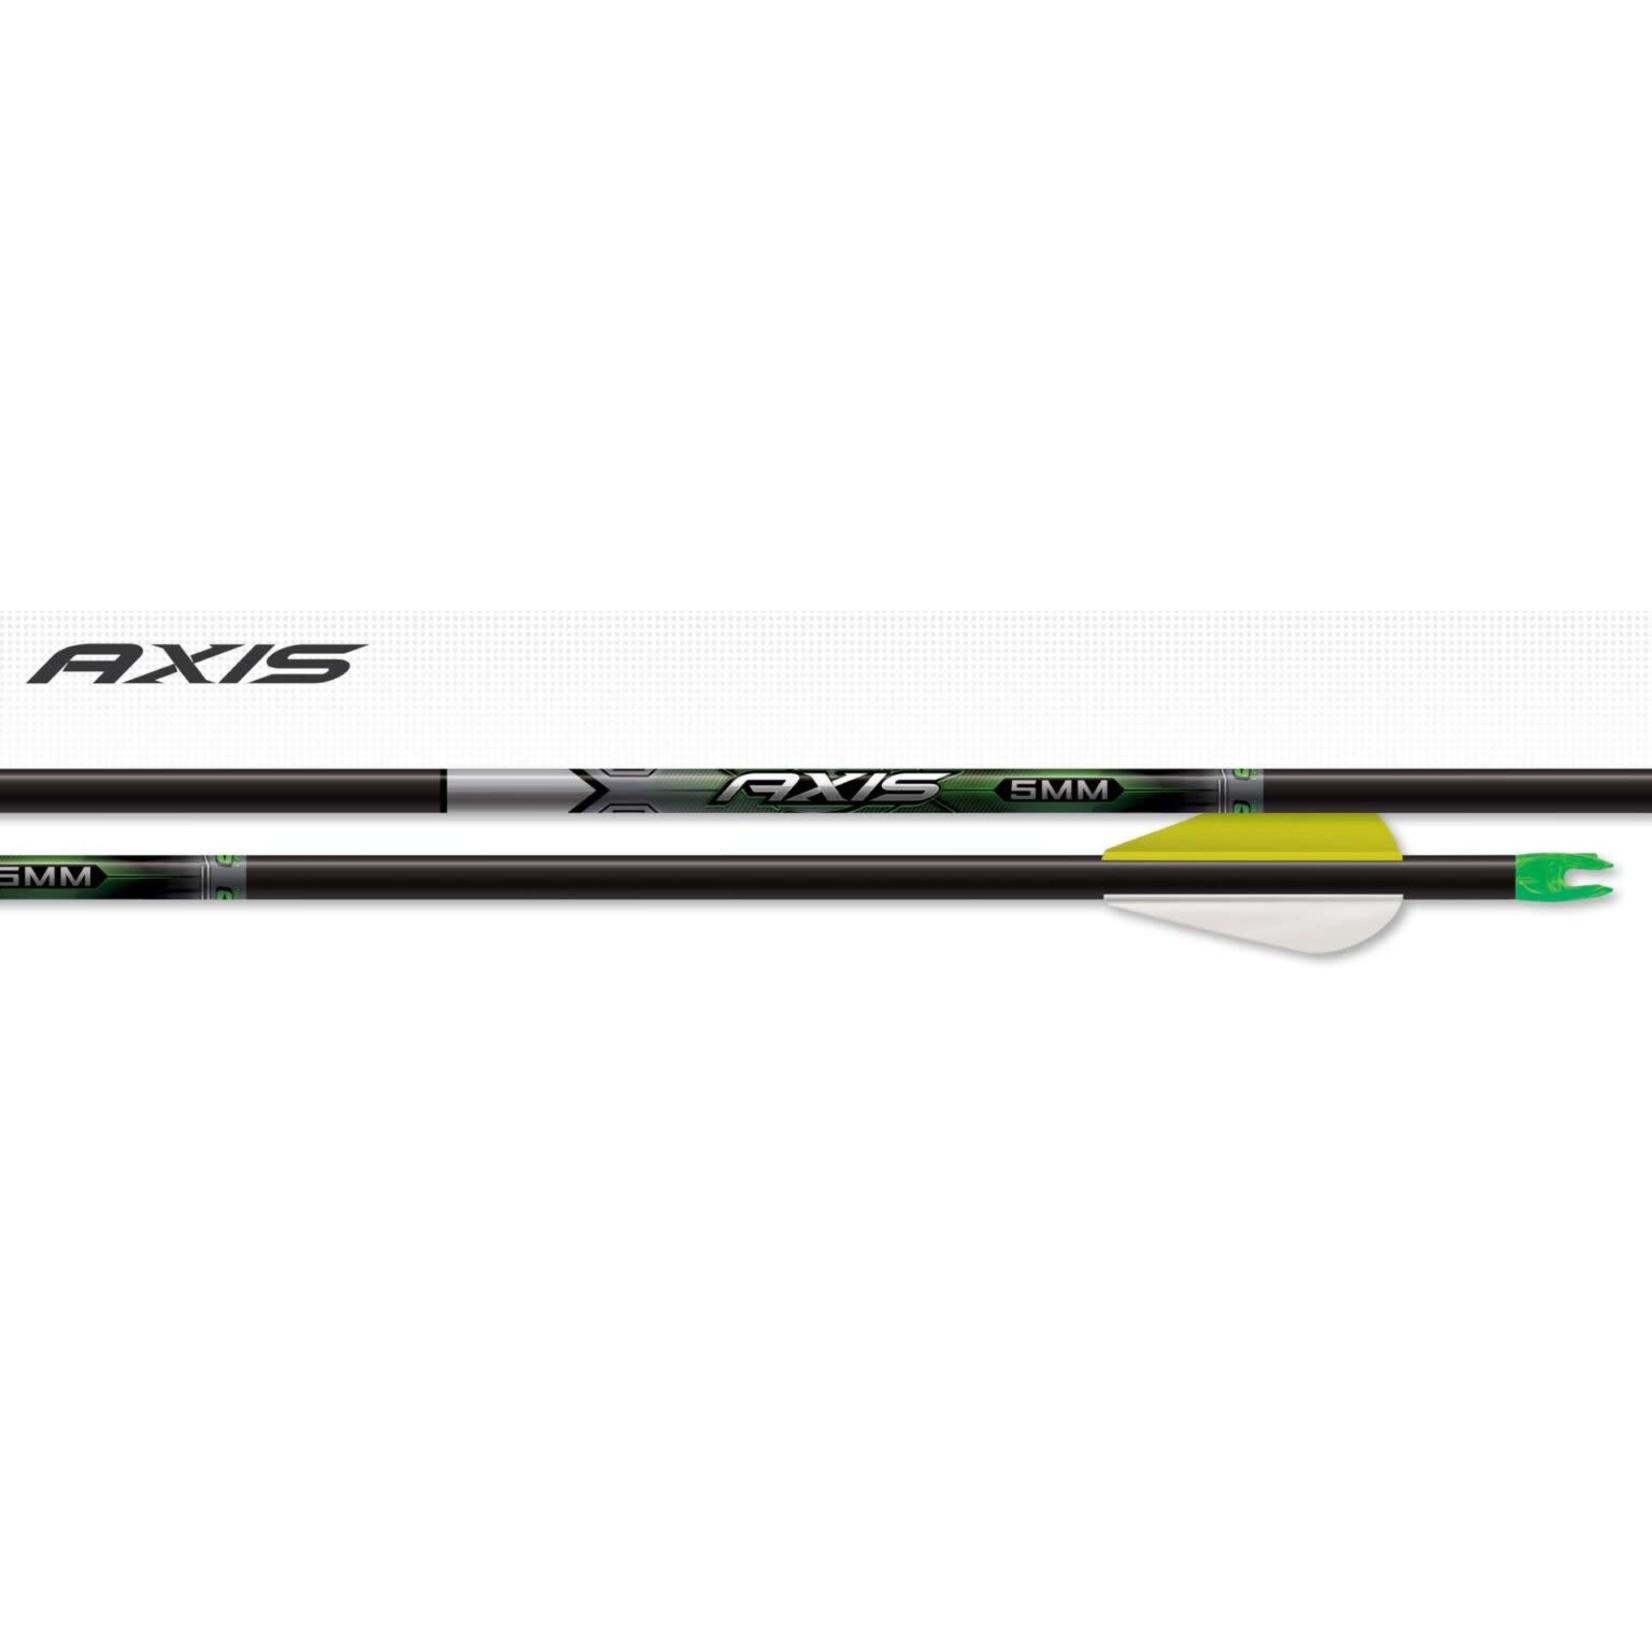 Easton Easton Axis 5mm Arrows 500 (1/2 doz)